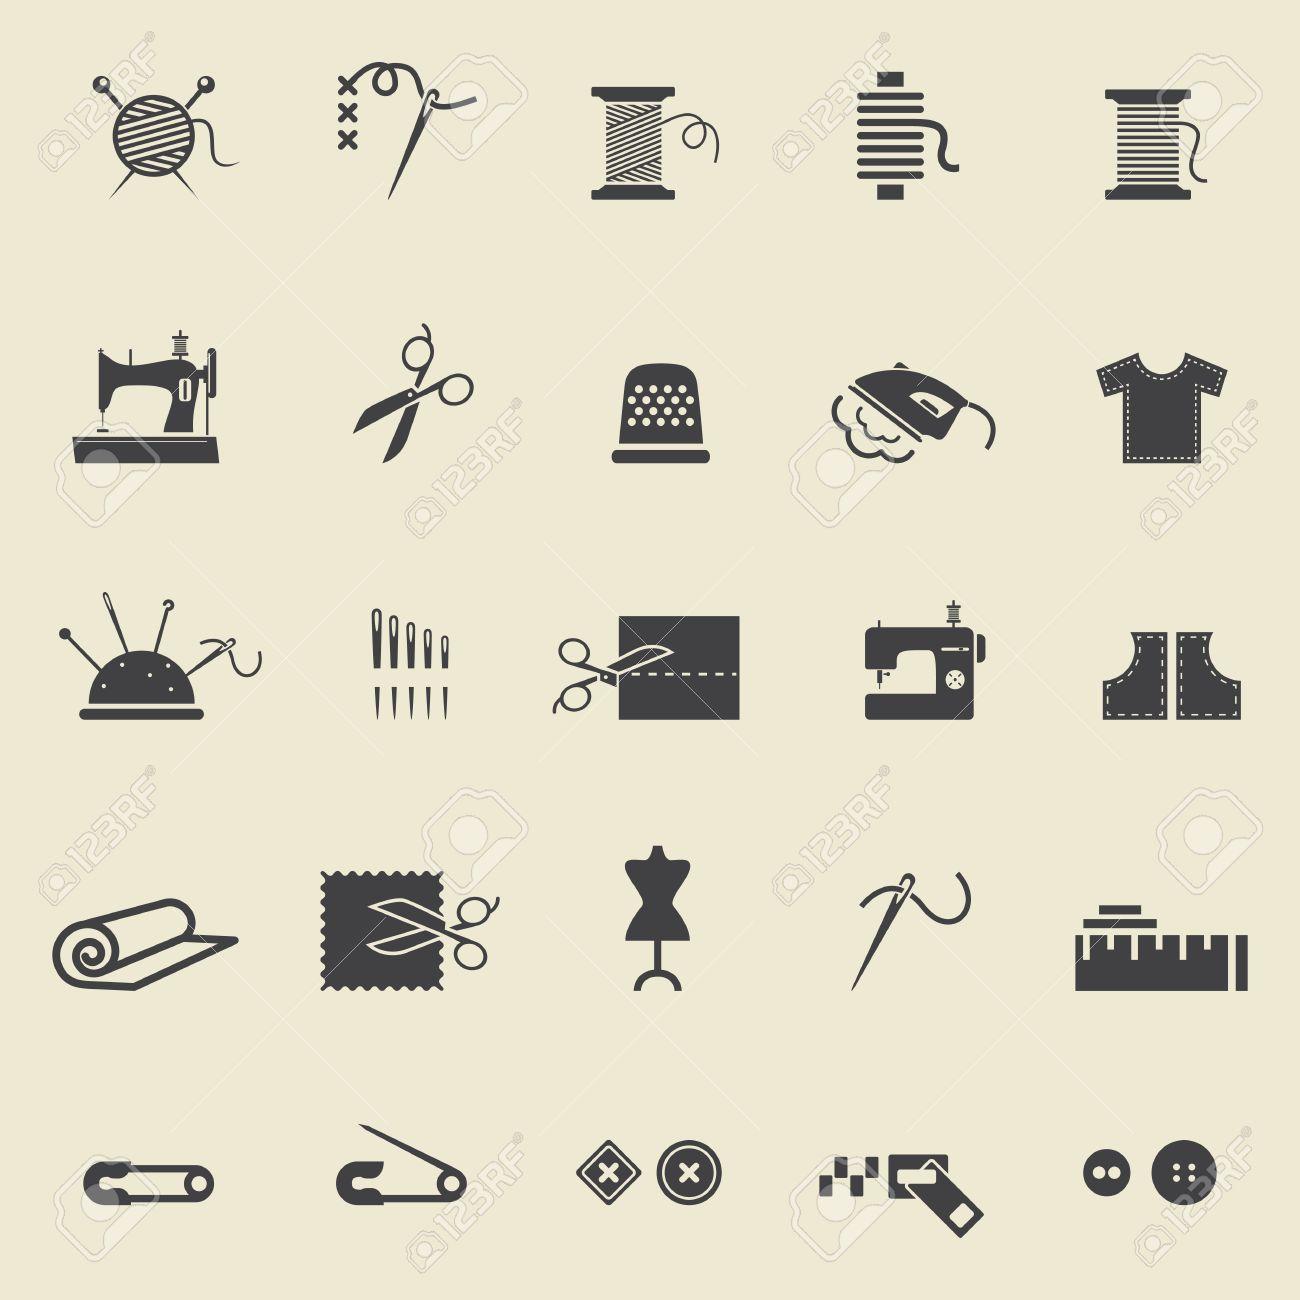 Näh-Ausrüstung Und Handarbeiten. Schwarze Symbole Zum Nähen ...